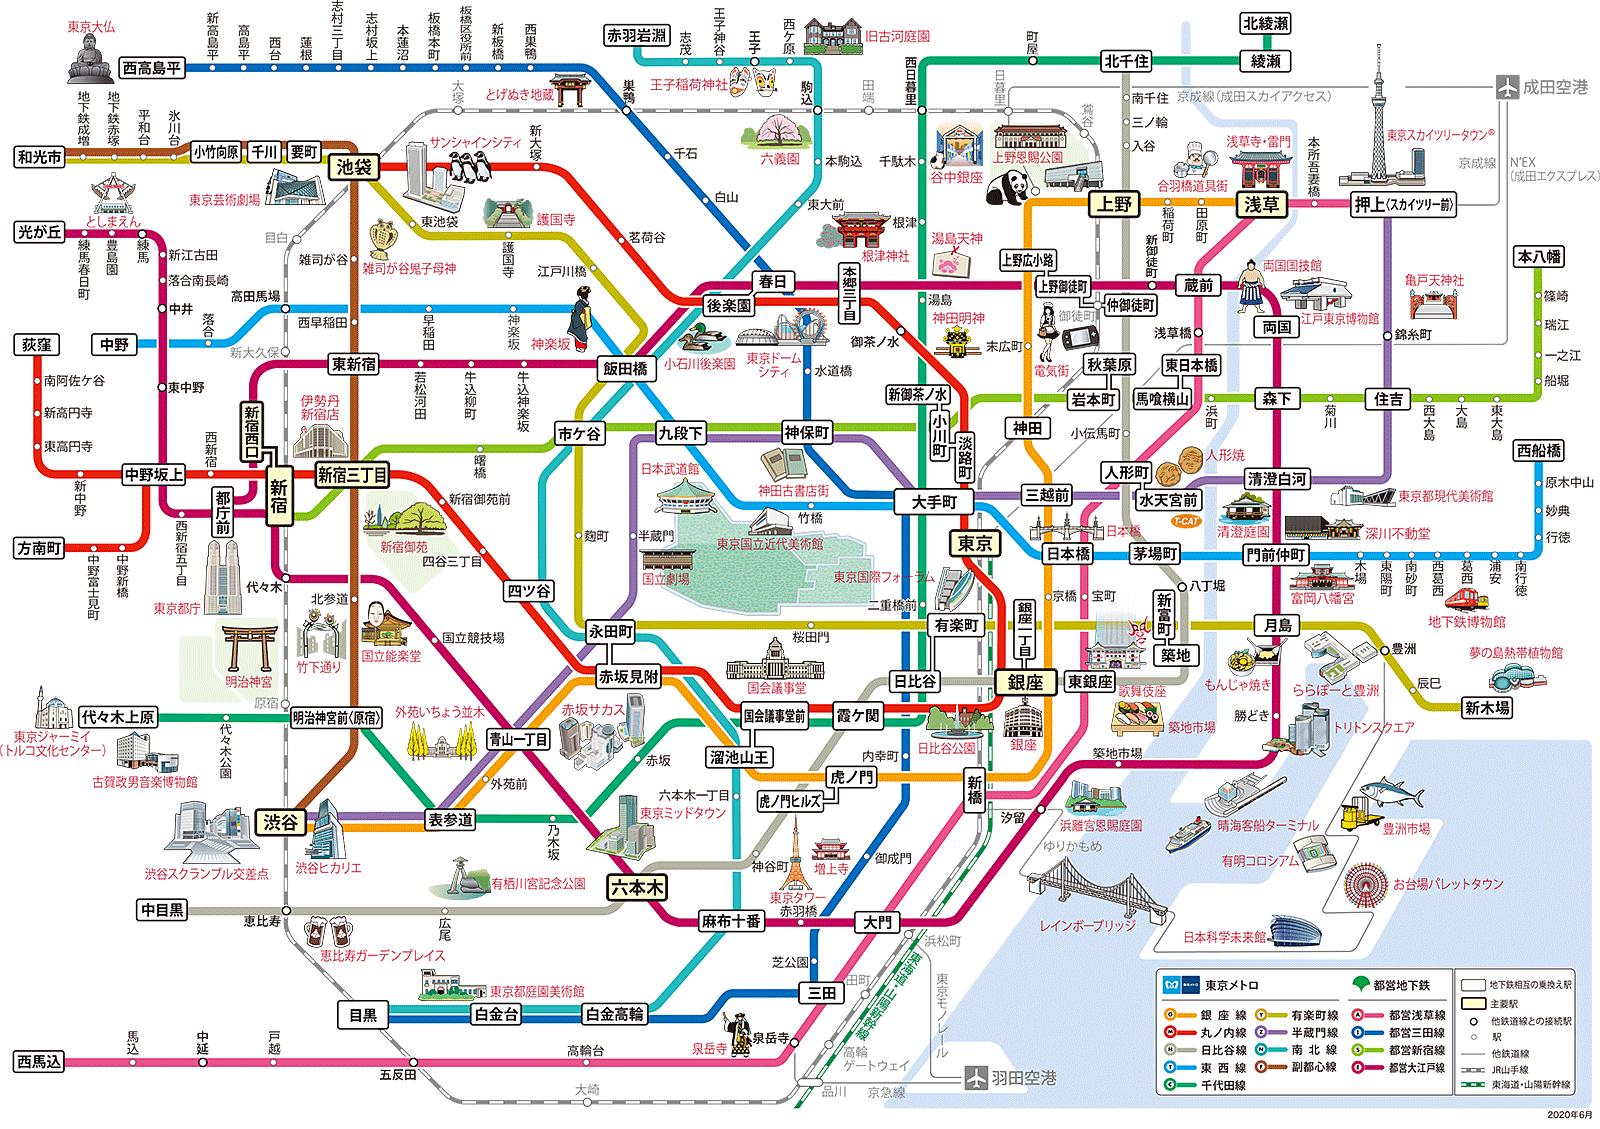 地下鉄共通一日乗車券